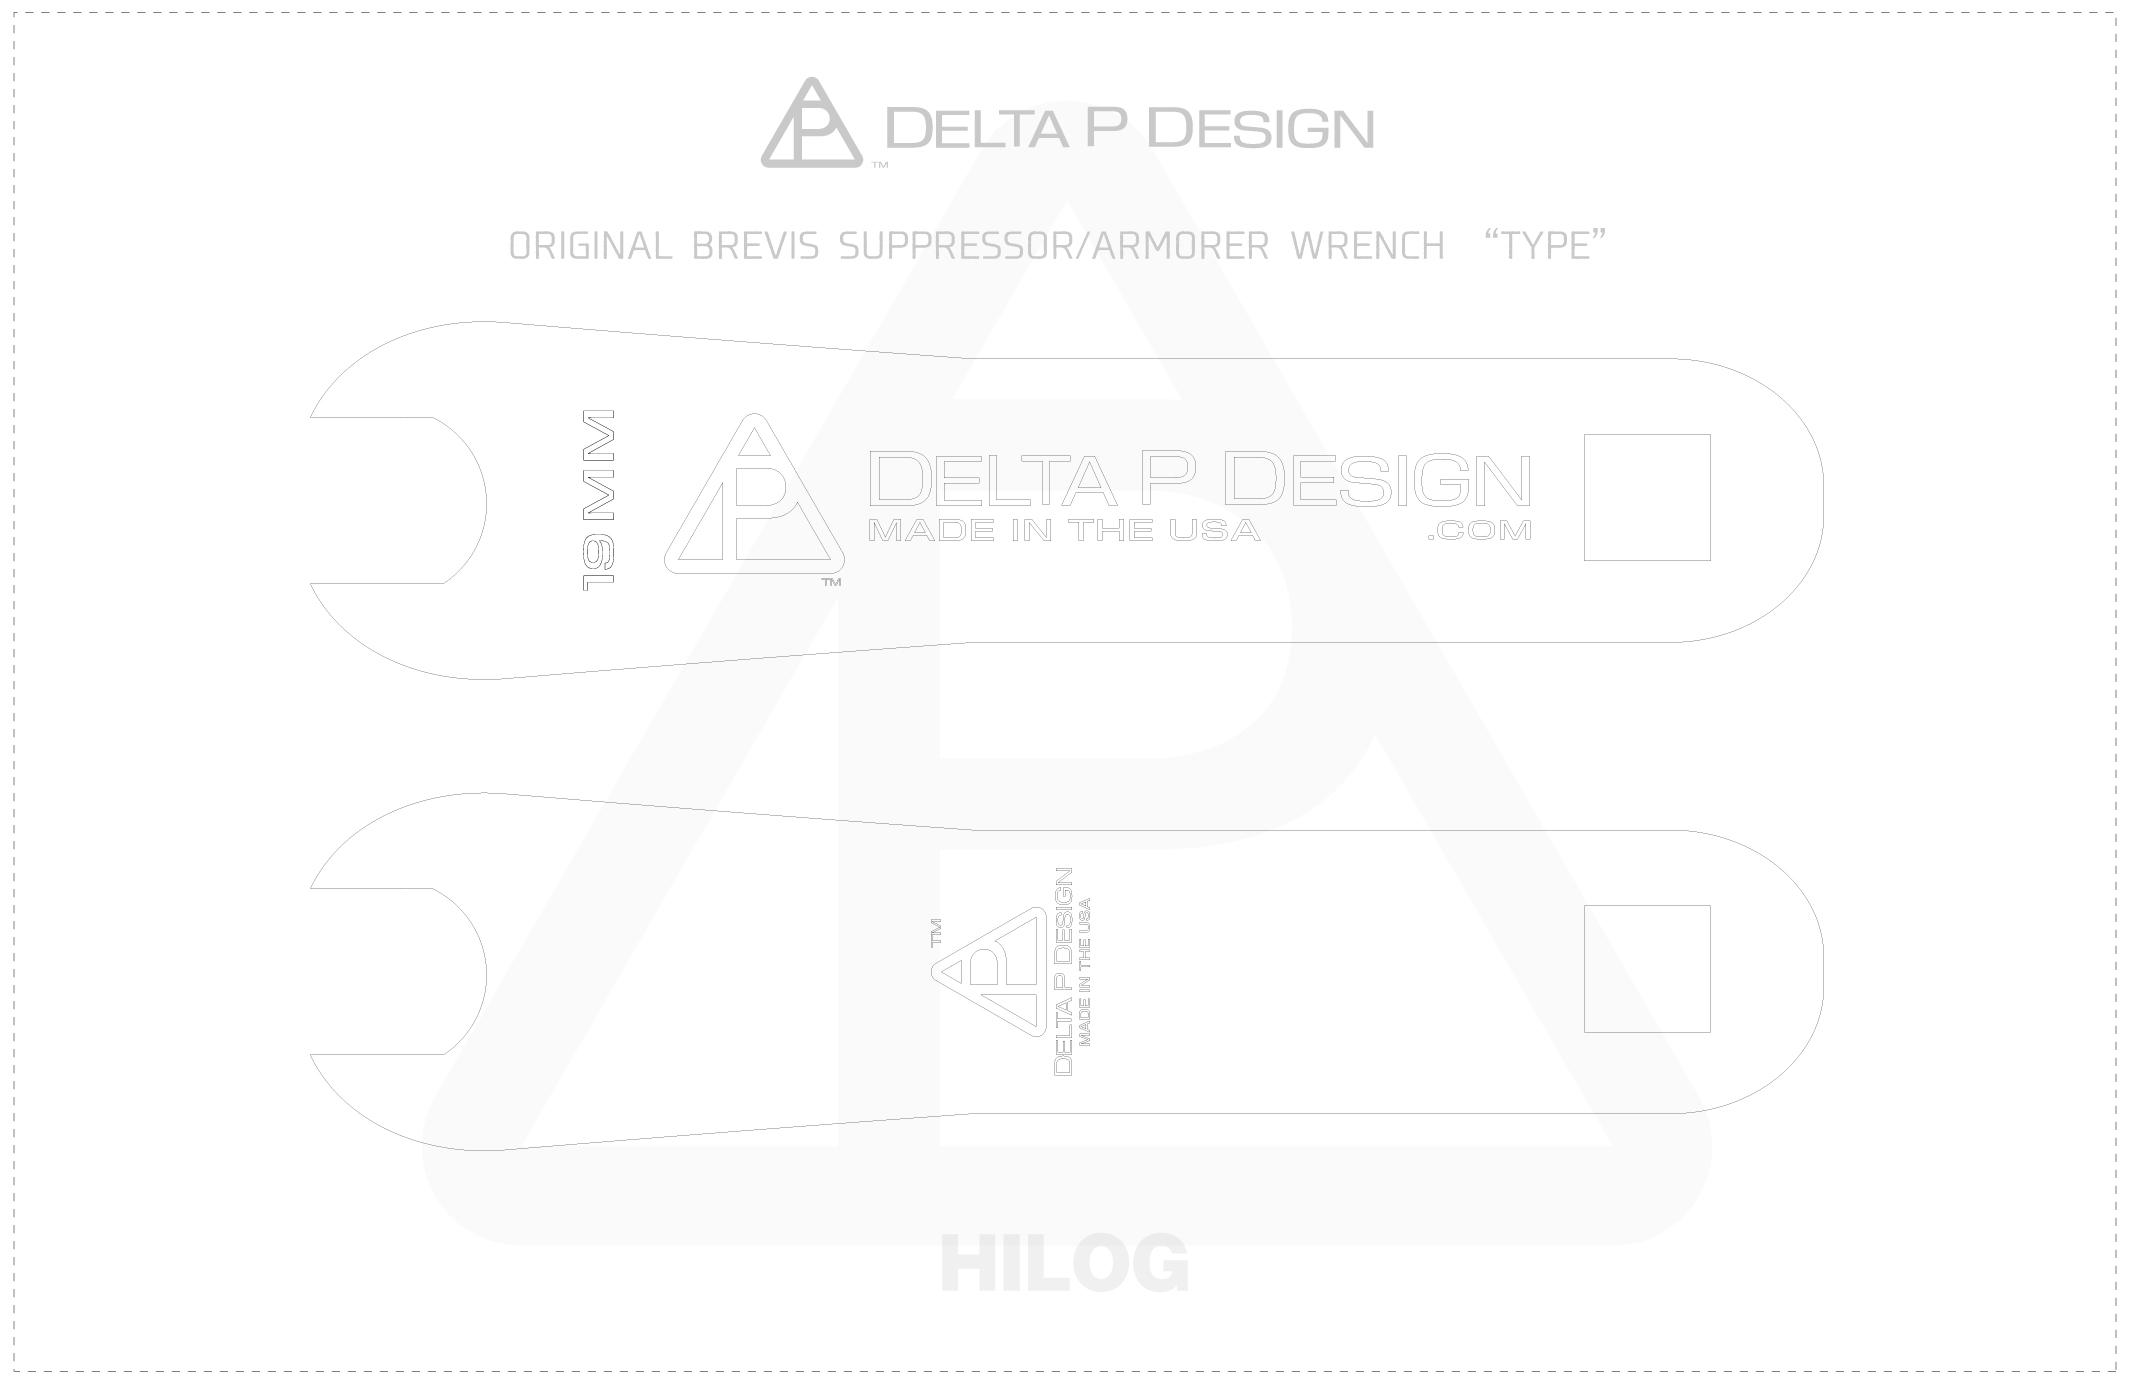 夏だ!!夜戦だ!!オートトレーサーだ!! お気に入りの『サプレッサー』を『オートトレーサー』にカスタムだ!! 『PDP XT301 HI1 ATTACHMENT & MADBULL Delta P Design Brevis Barrel Extension & XCORTECH XT301 ULTRA